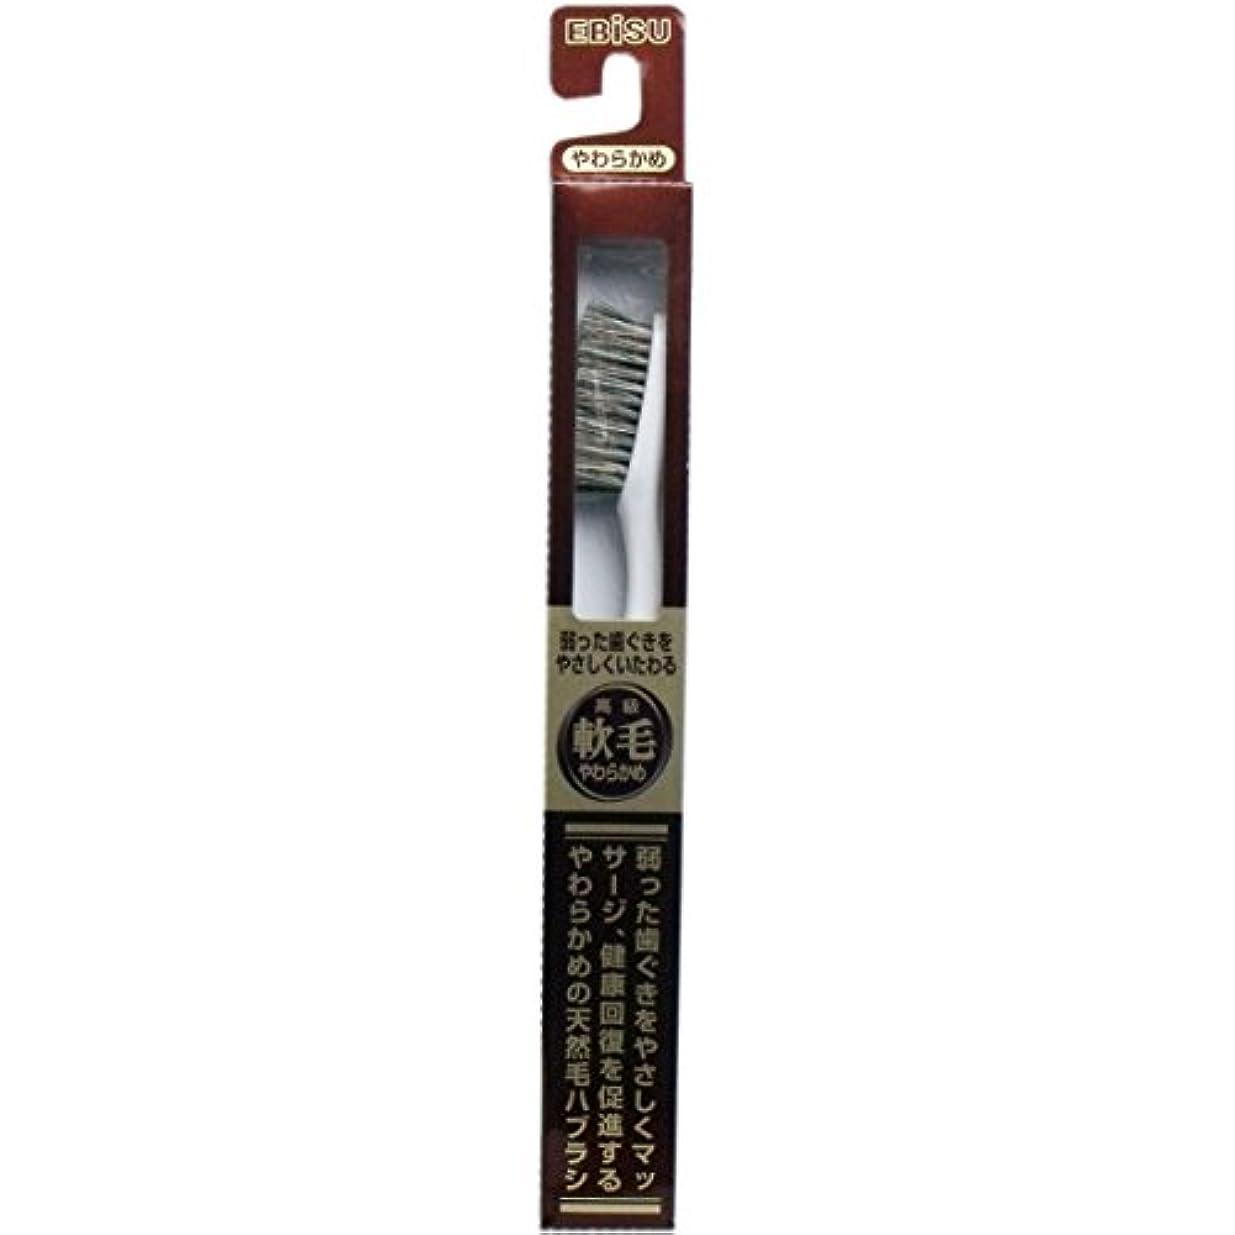 【エビス】天然毛軟毛歯ブラシ 500 やわらかめ 1本 ×5個セット